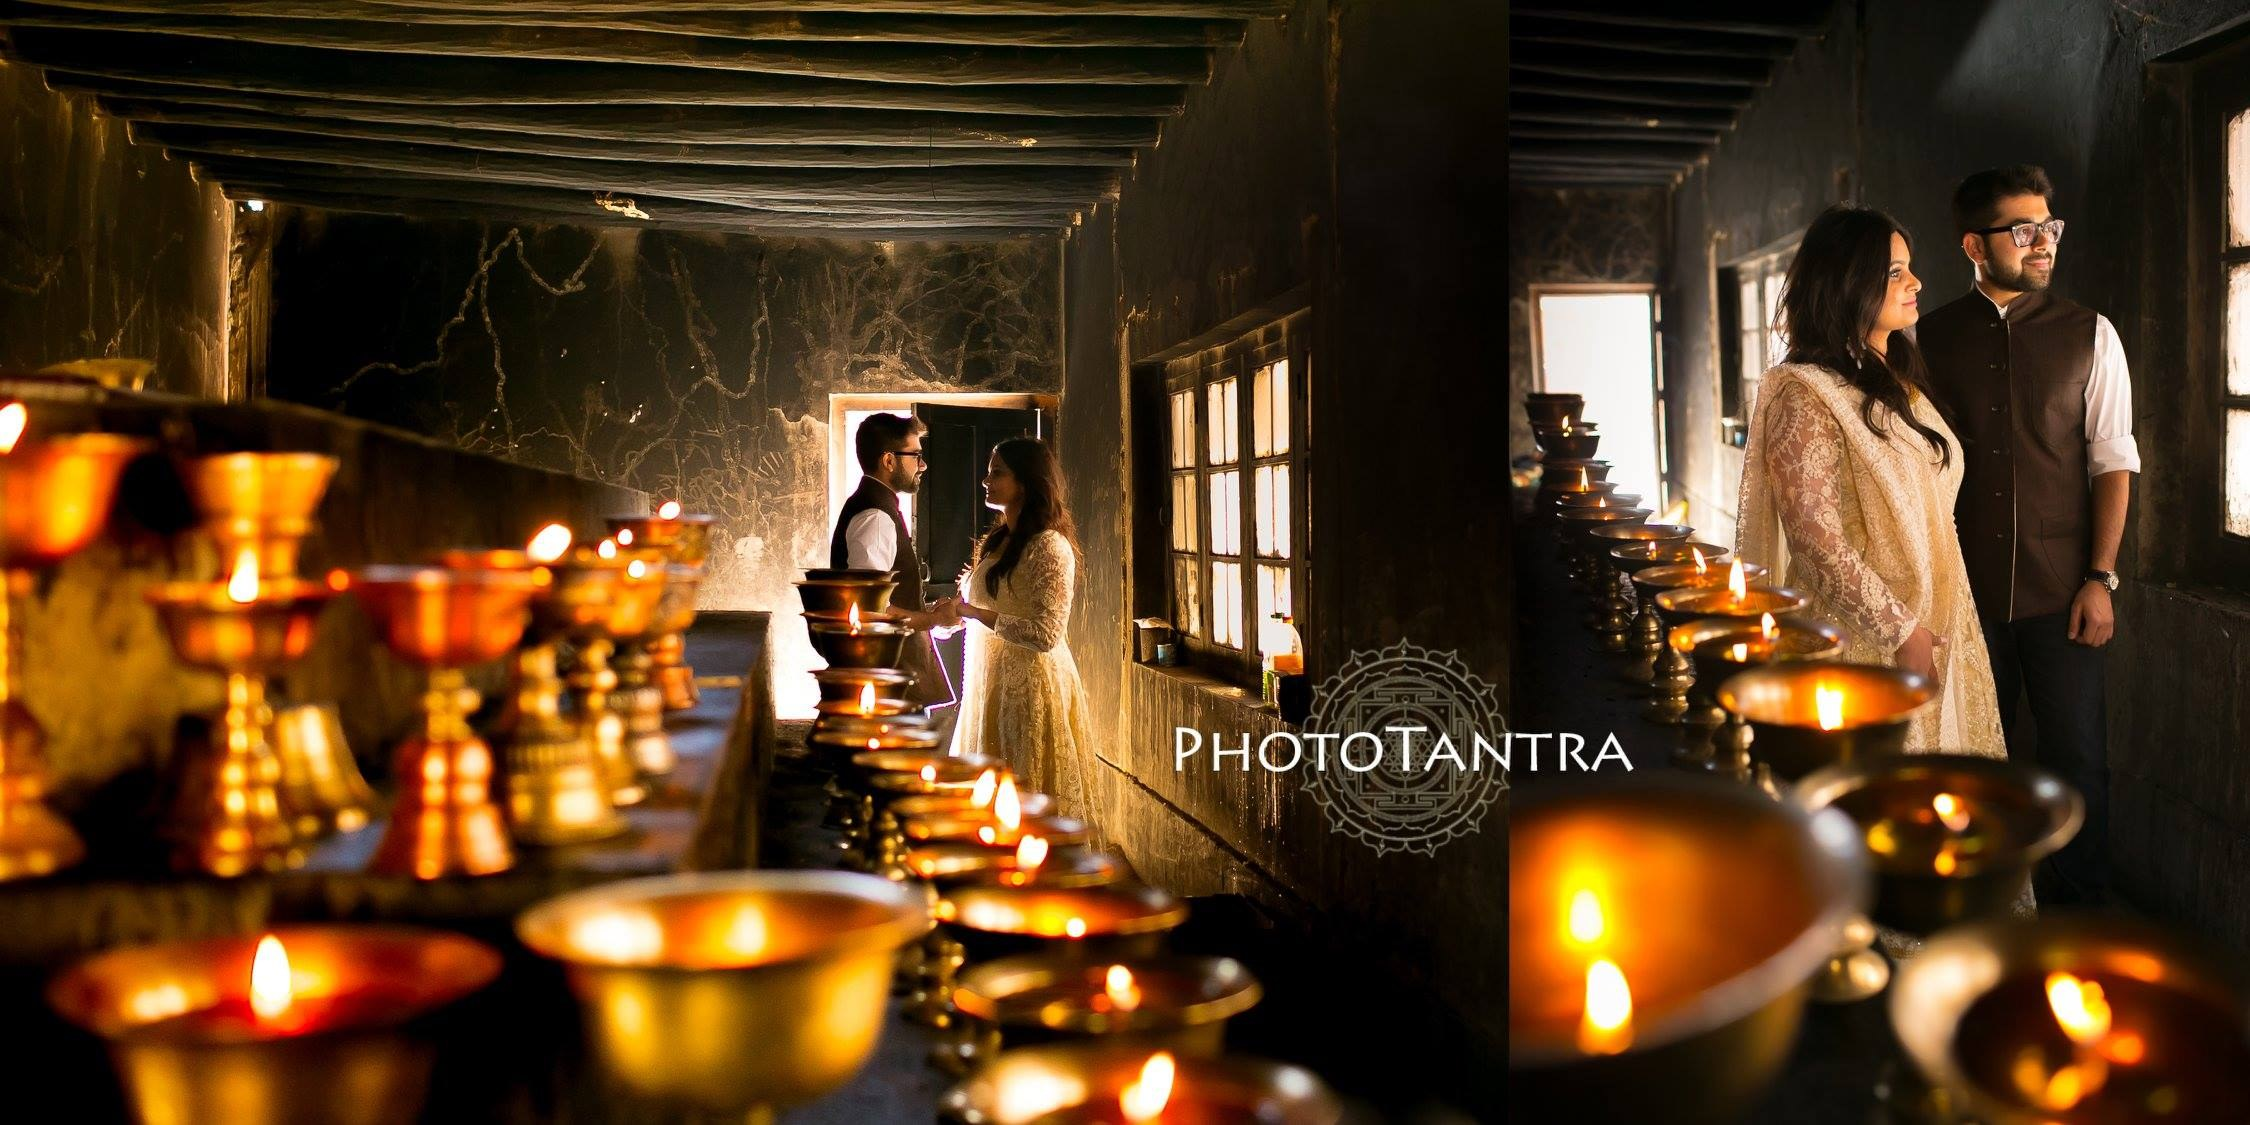 Phototantra - Portfolio